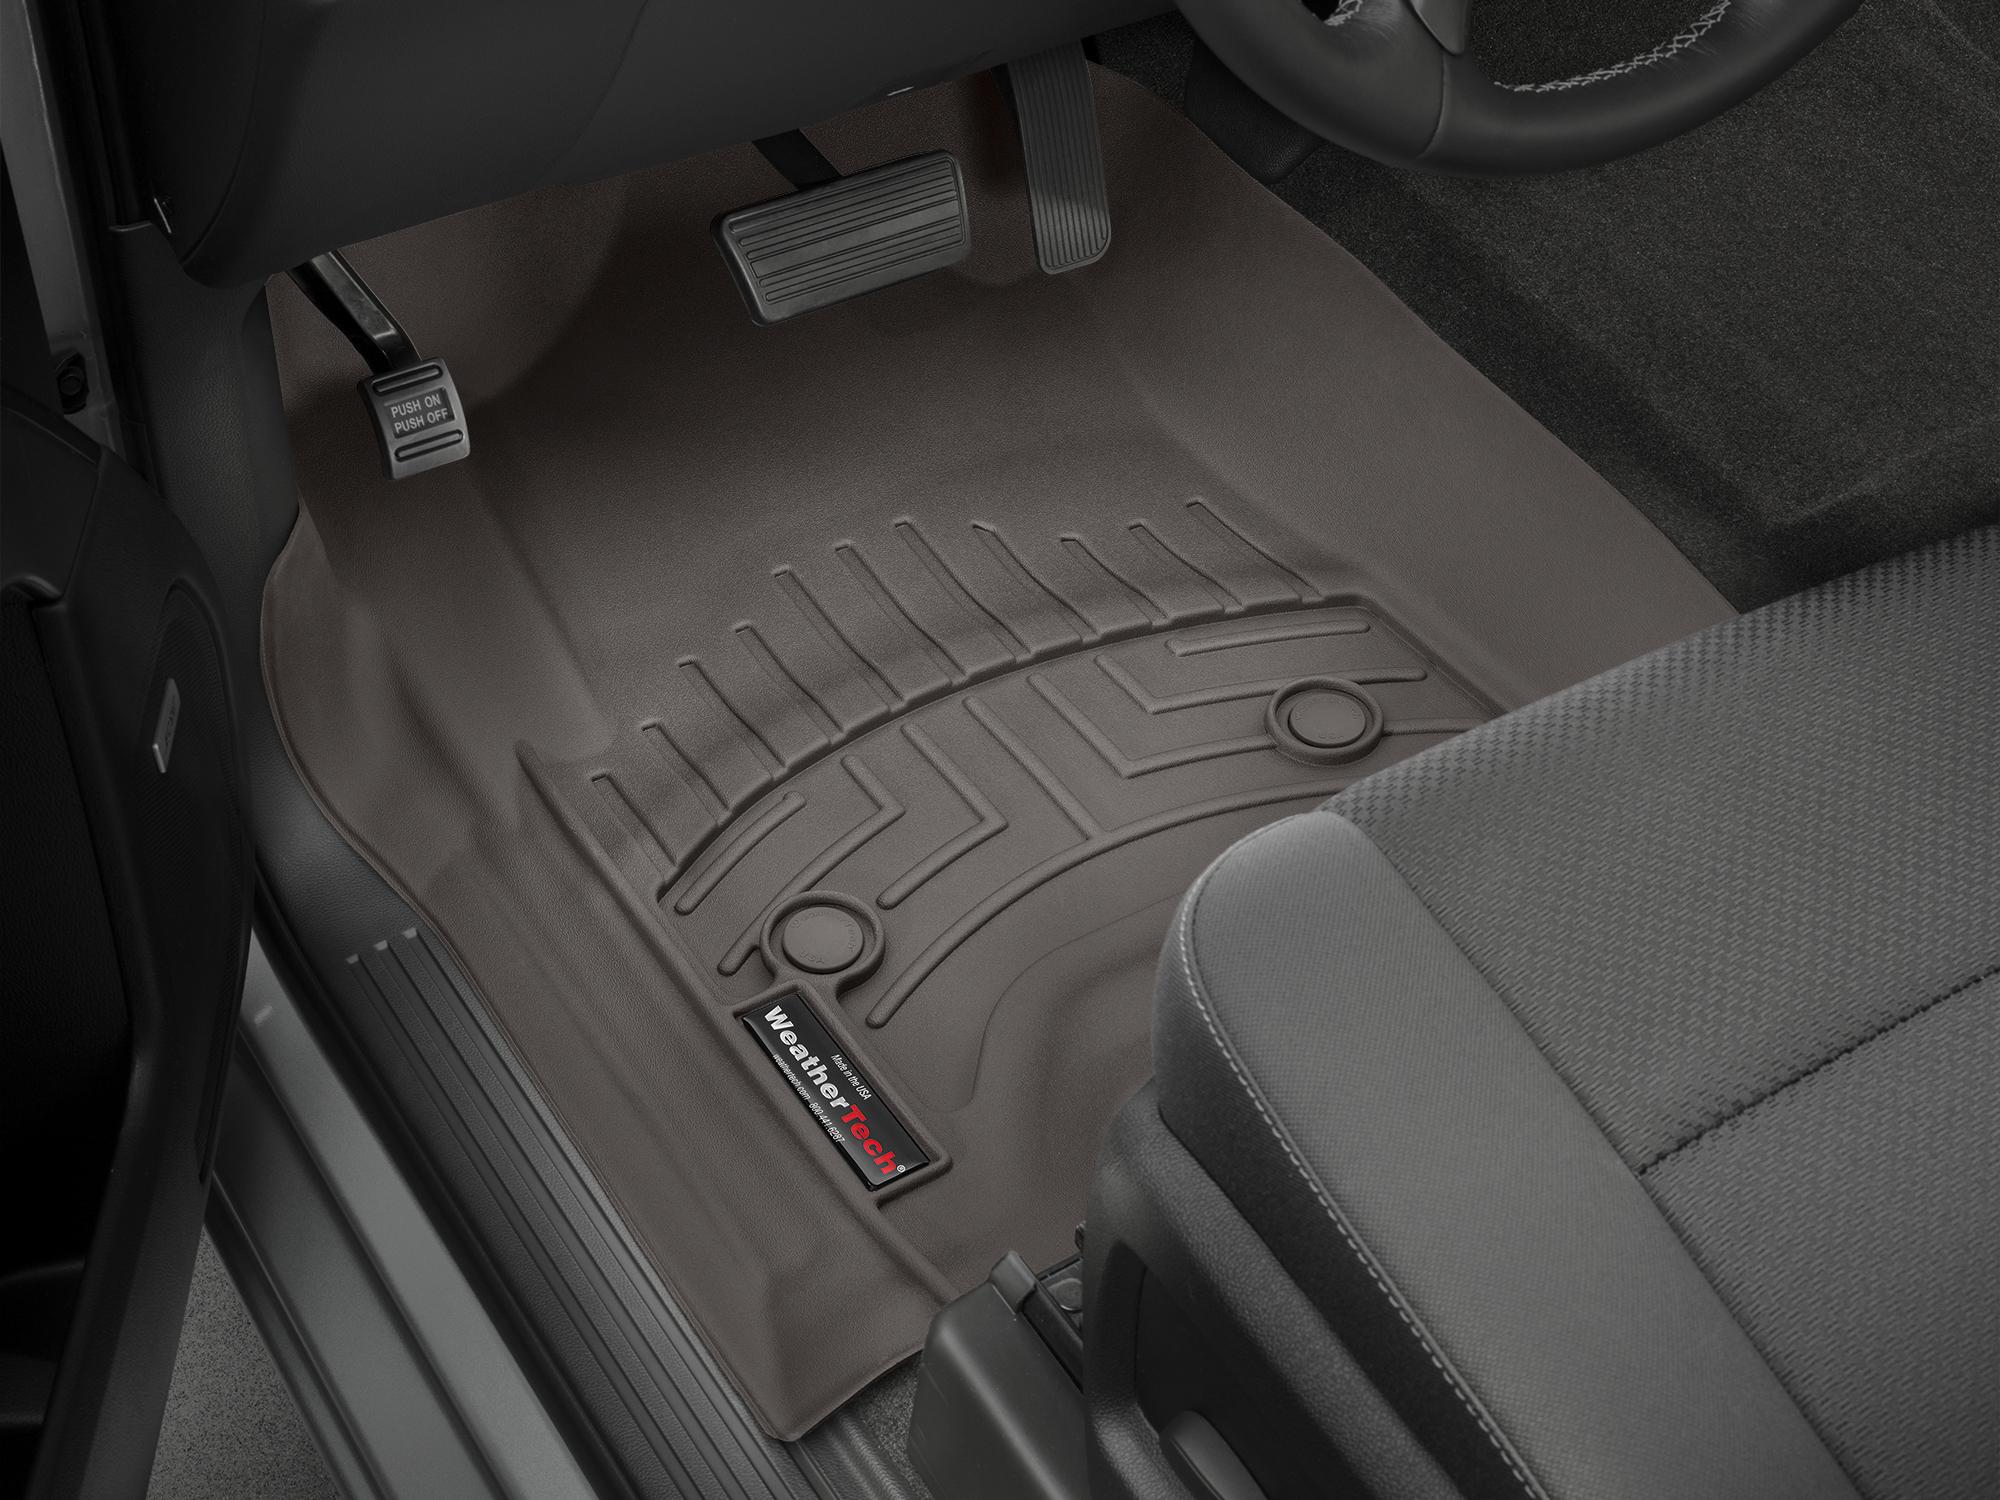 Tappeti gomma su misura bordo alto Chevrolet Silverado 15>17 Cacao A196